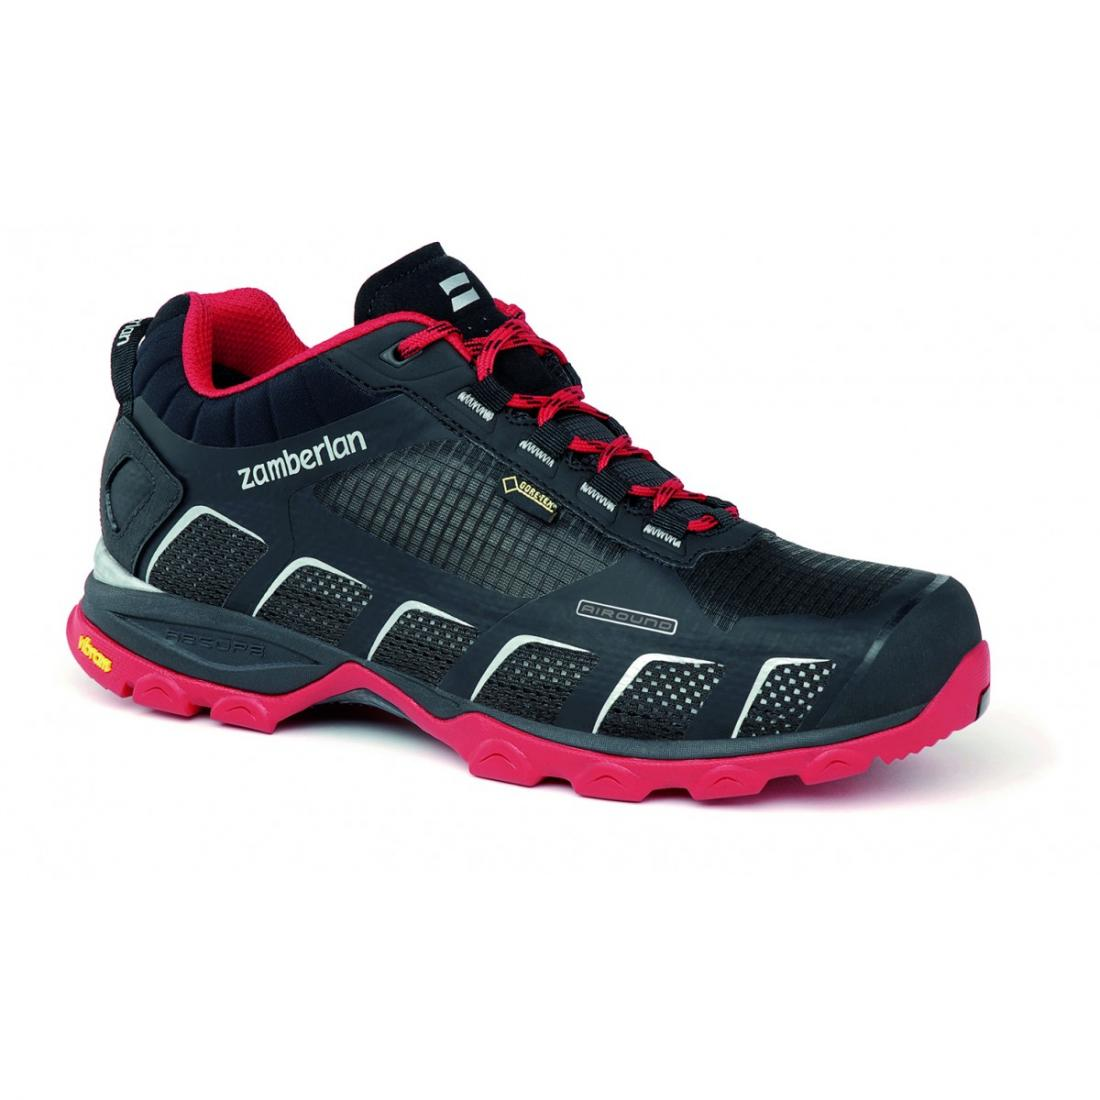 Кроссовки 132 AIR-ROUND GTX RRХайкинговые<br>Стильные ботинки средней высоты для легкого и уверенного движения по горным тропам. Комфортная посадка этих ботинок усовершенствована за счет эксклюзивной внешней подошвы Zamberlan® Vibram® Speed Hiking Lite, которая позволяет максимально эффективно де...<br><br>Цвет: Черный<br>Размер: 45